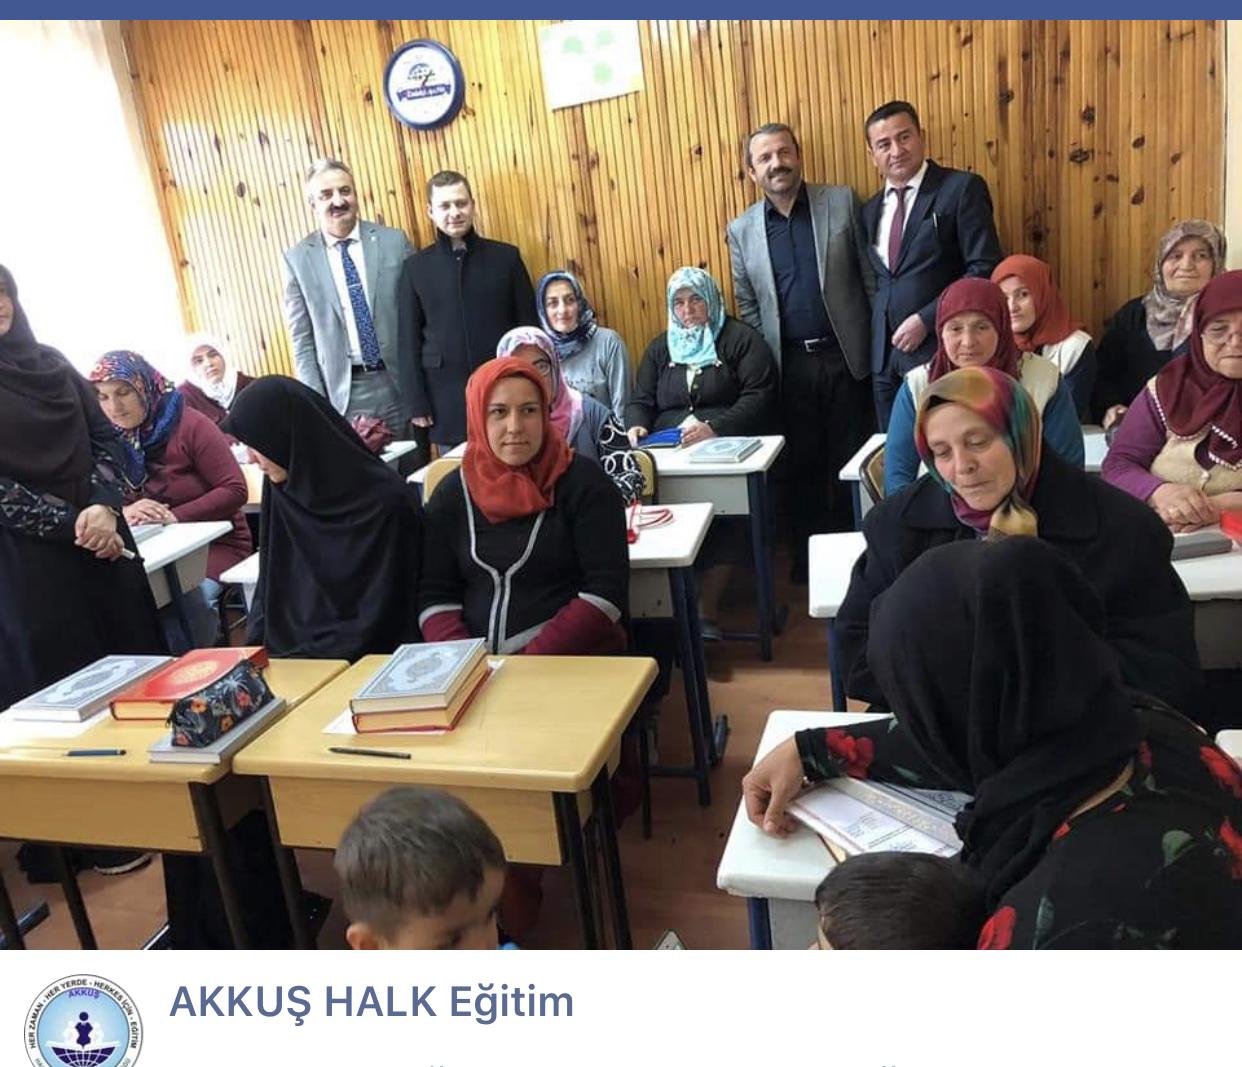 Akkuş Halk Eğitim Müdürlüğü Kur'an-ı Kerim Elifba Okuma Kursunu Tamamlayan Bayan Kursiyerlere Kurs Bitirme Belgelerini Kaymakam ve Belediye Başkanının Katıldığı Törende Takdim Etti